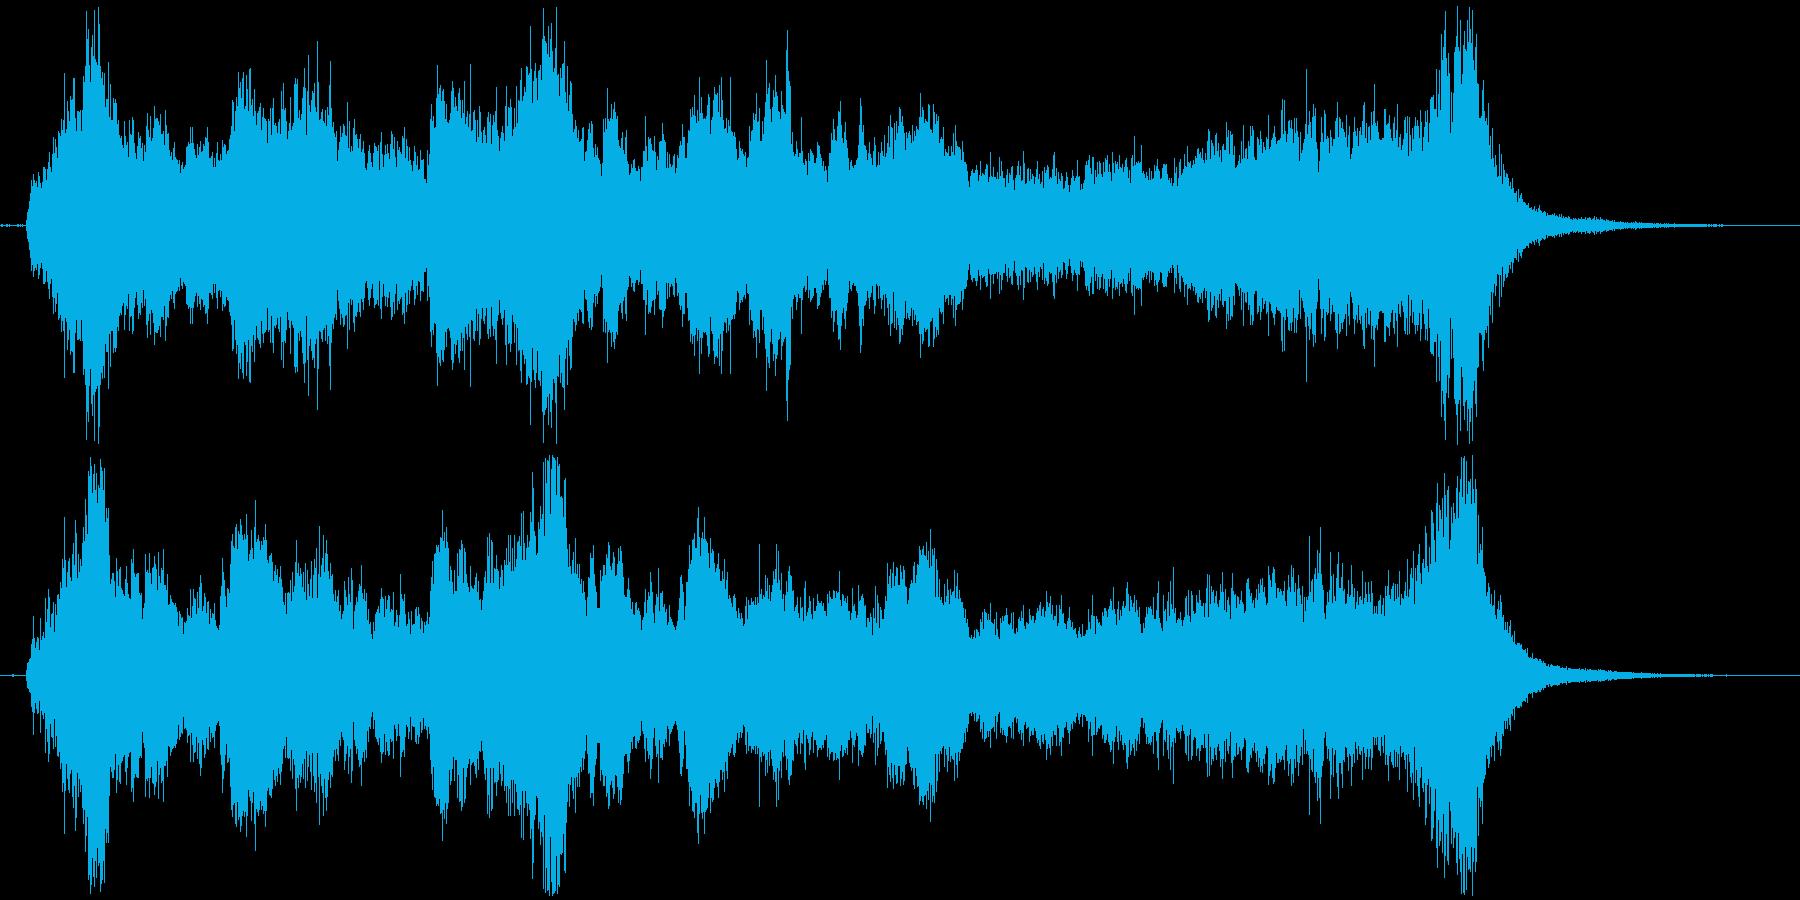 華やかなオーケストラファンファーレの再生済みの波形